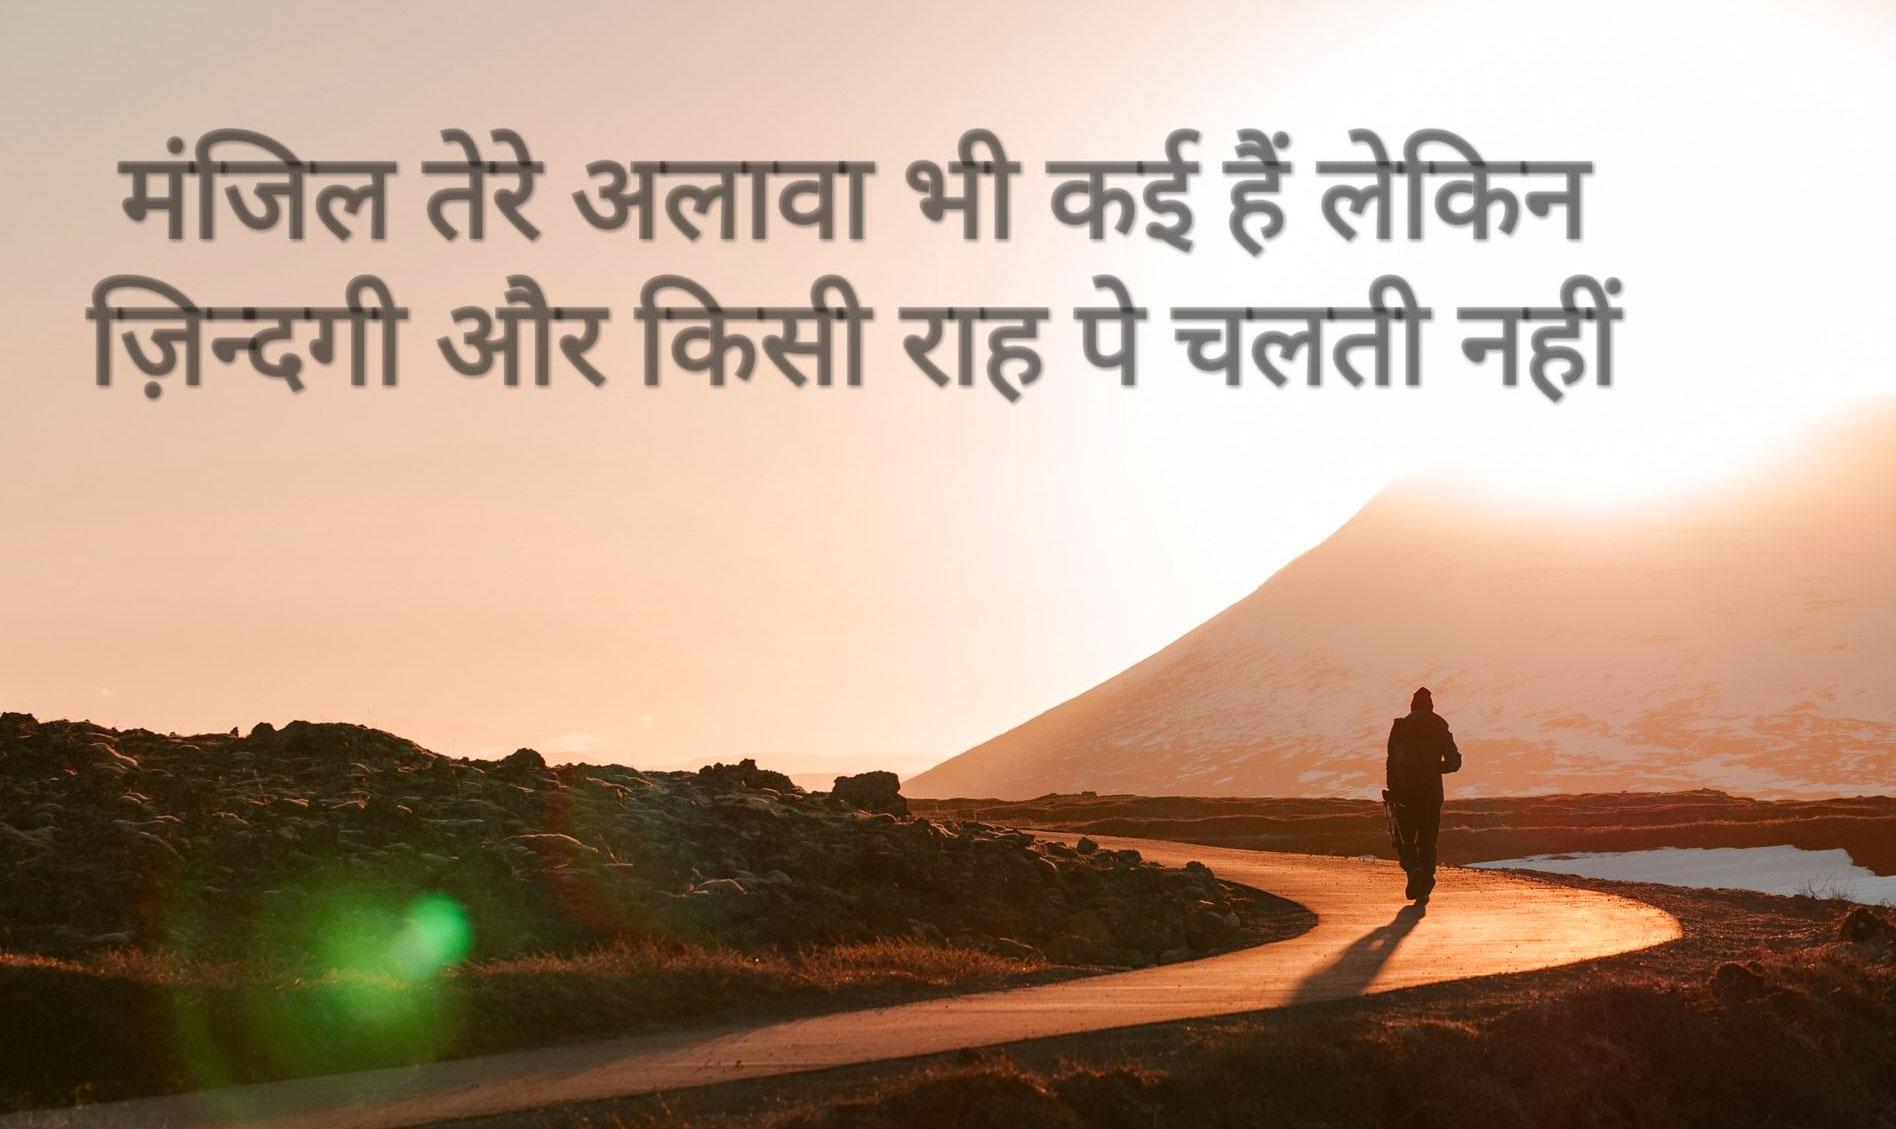 2 Line Hindi Shayari Images HD 22